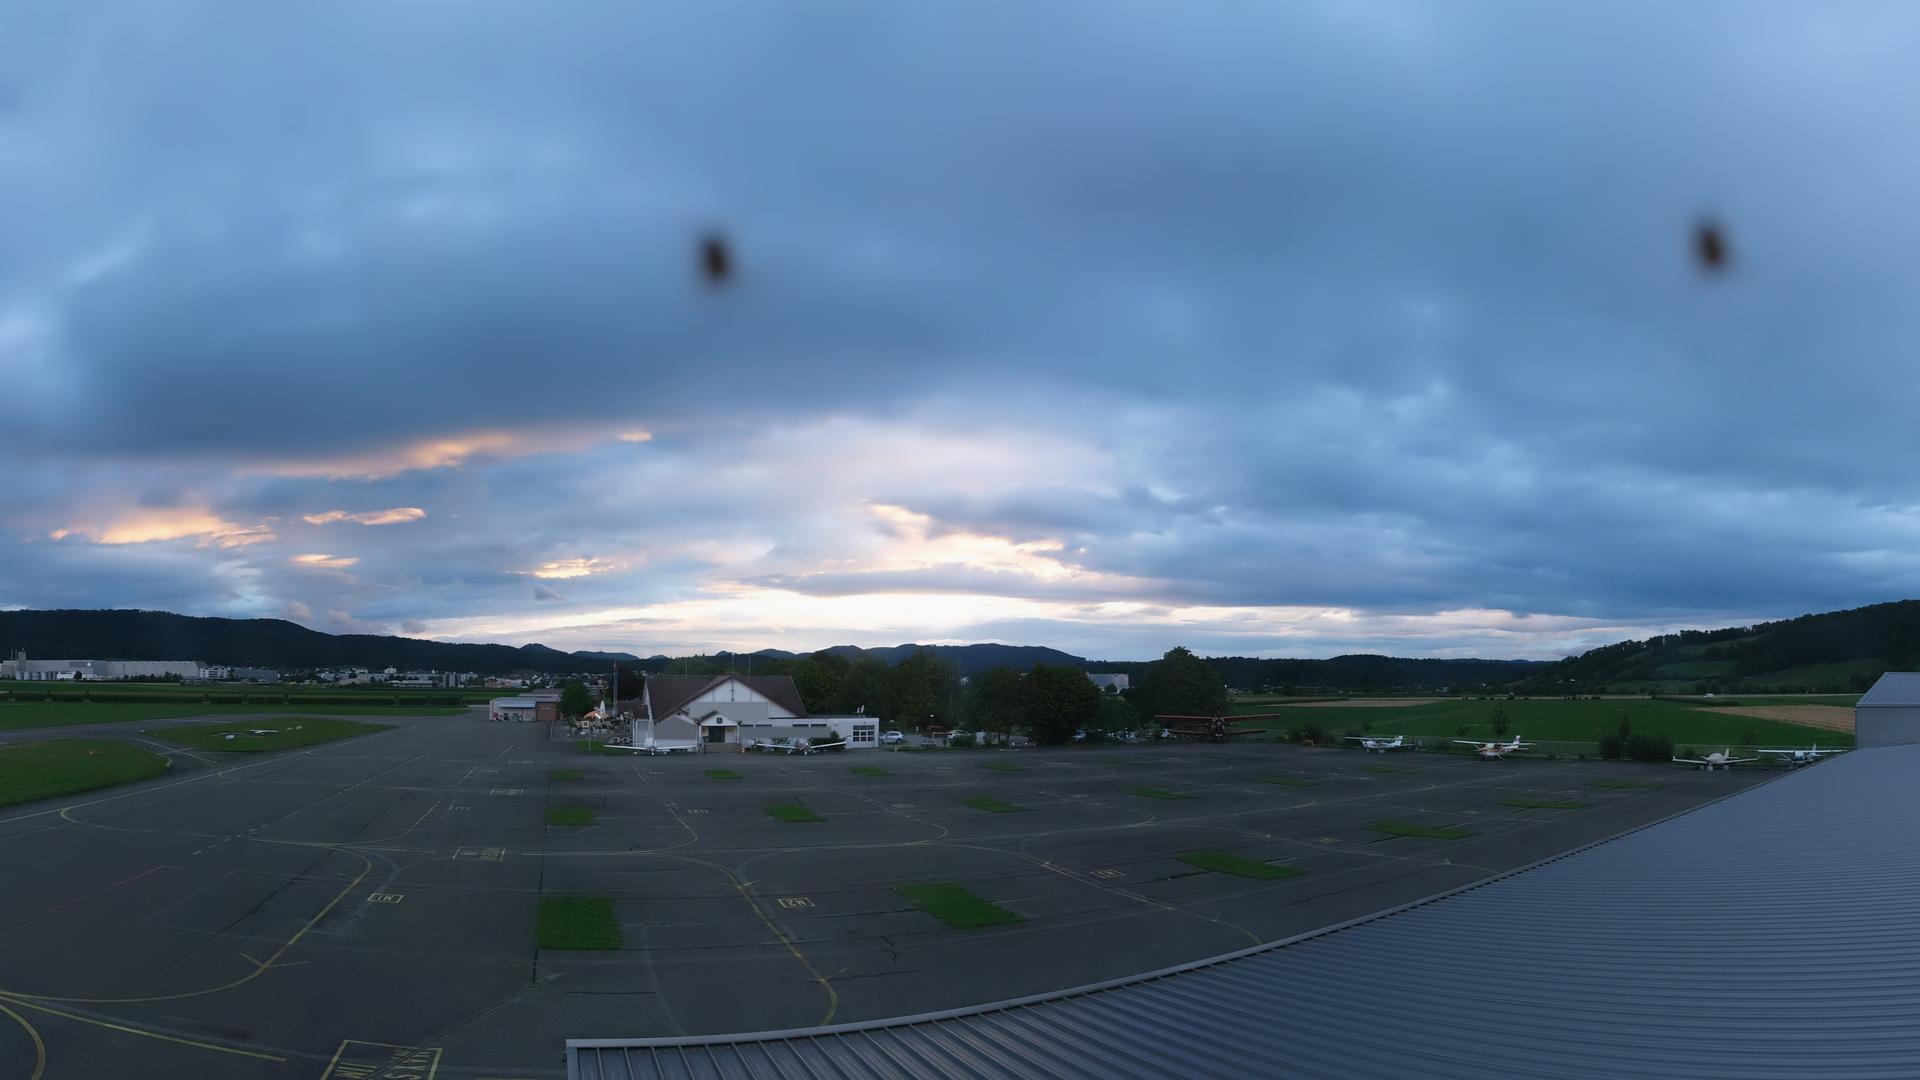 Webcam Flugplatz Birrfeld: Birrfeld